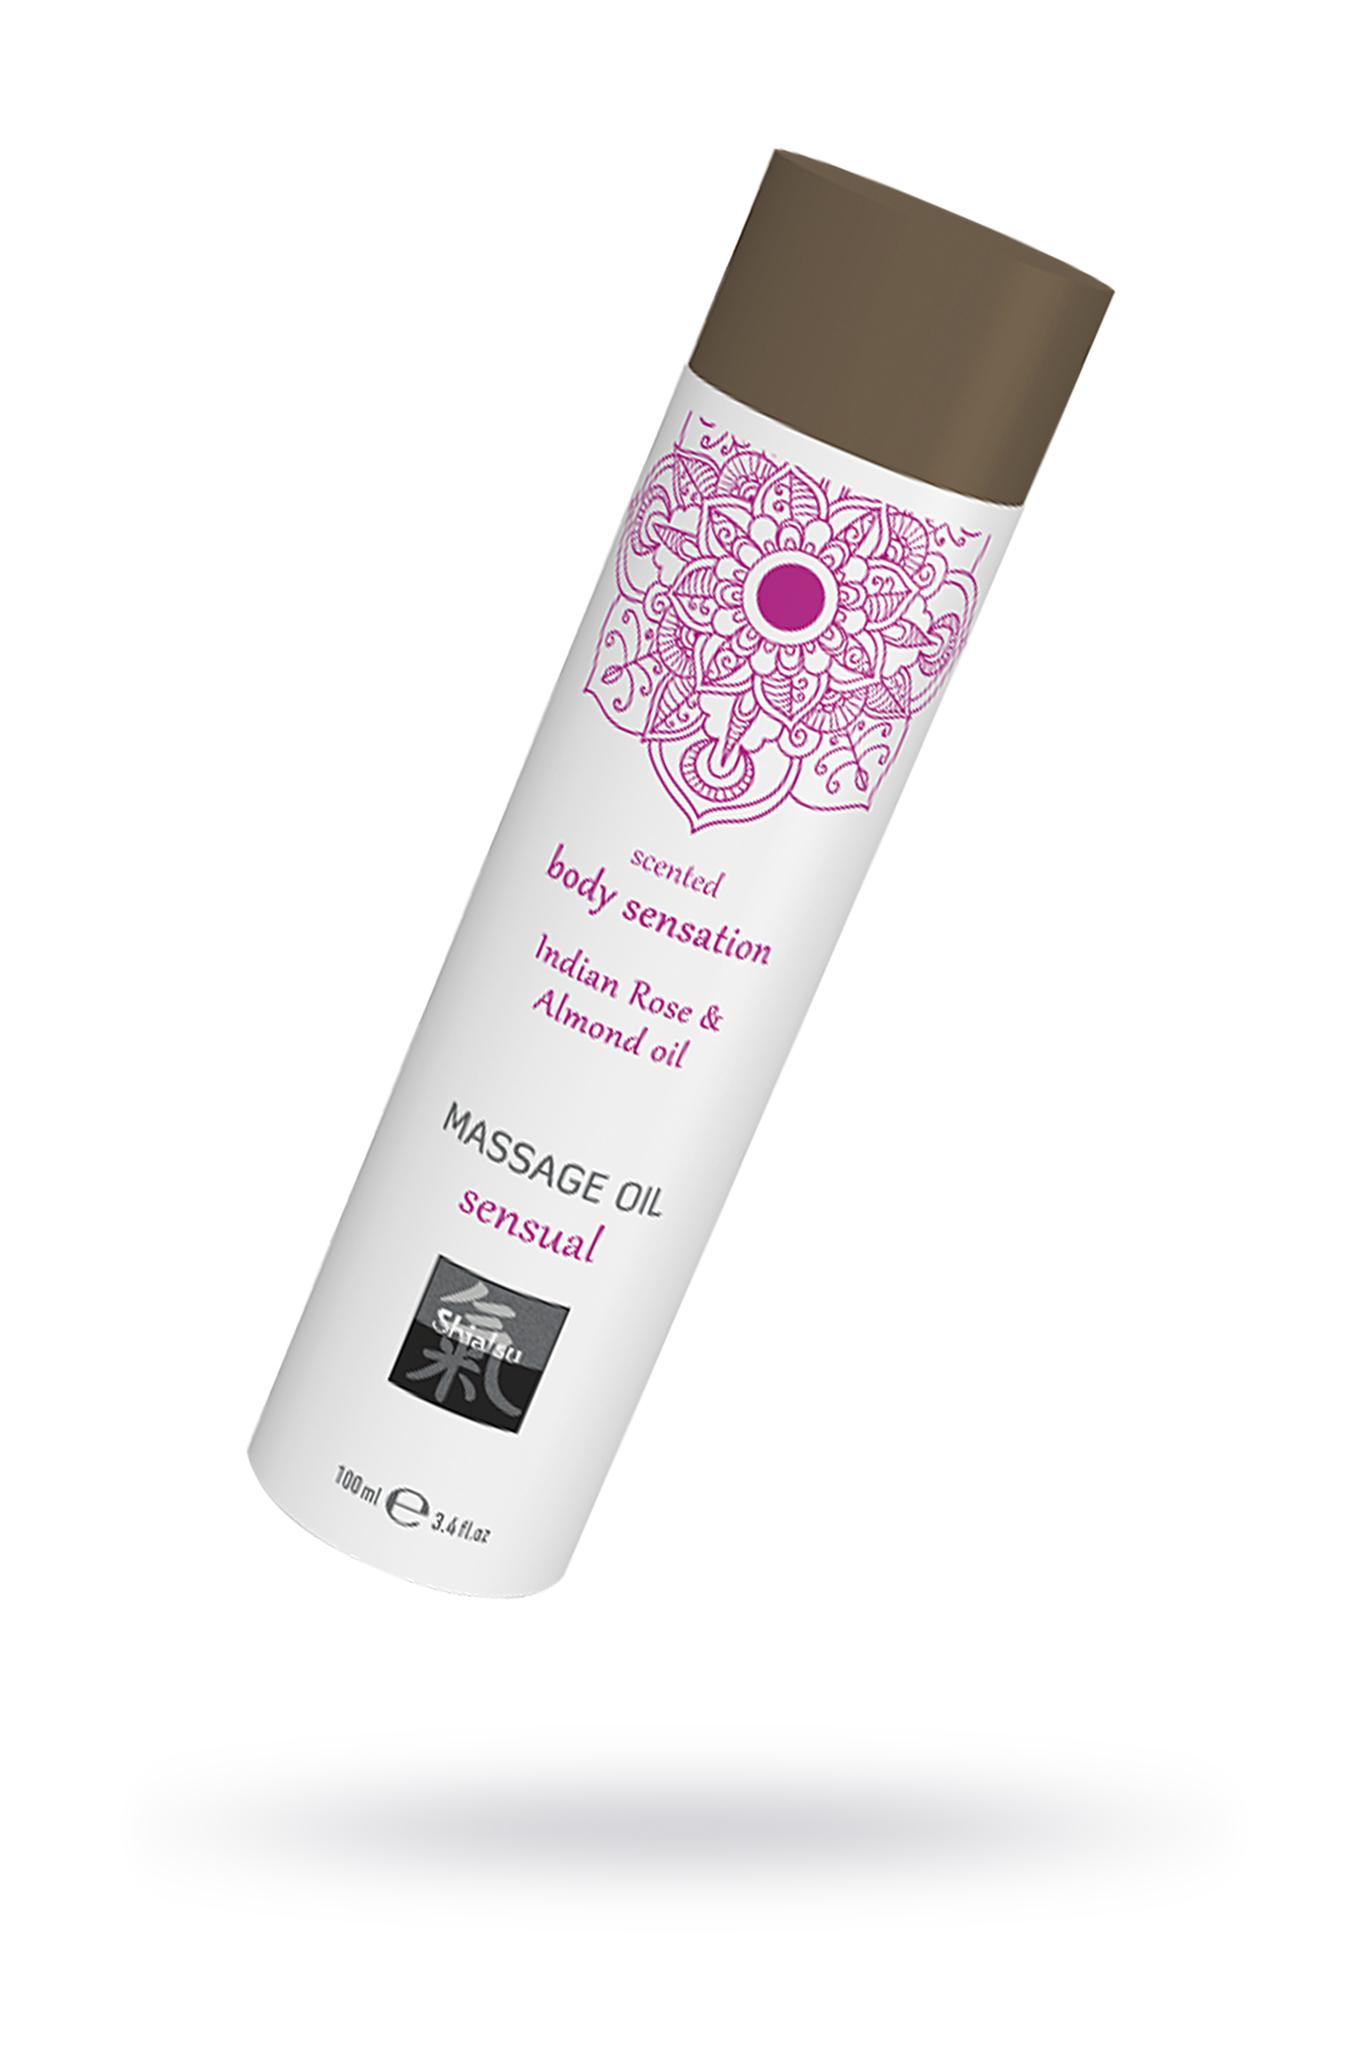 Массажное масло sensual - Индийская Роза и Масло миндаля, 100 мл. фото